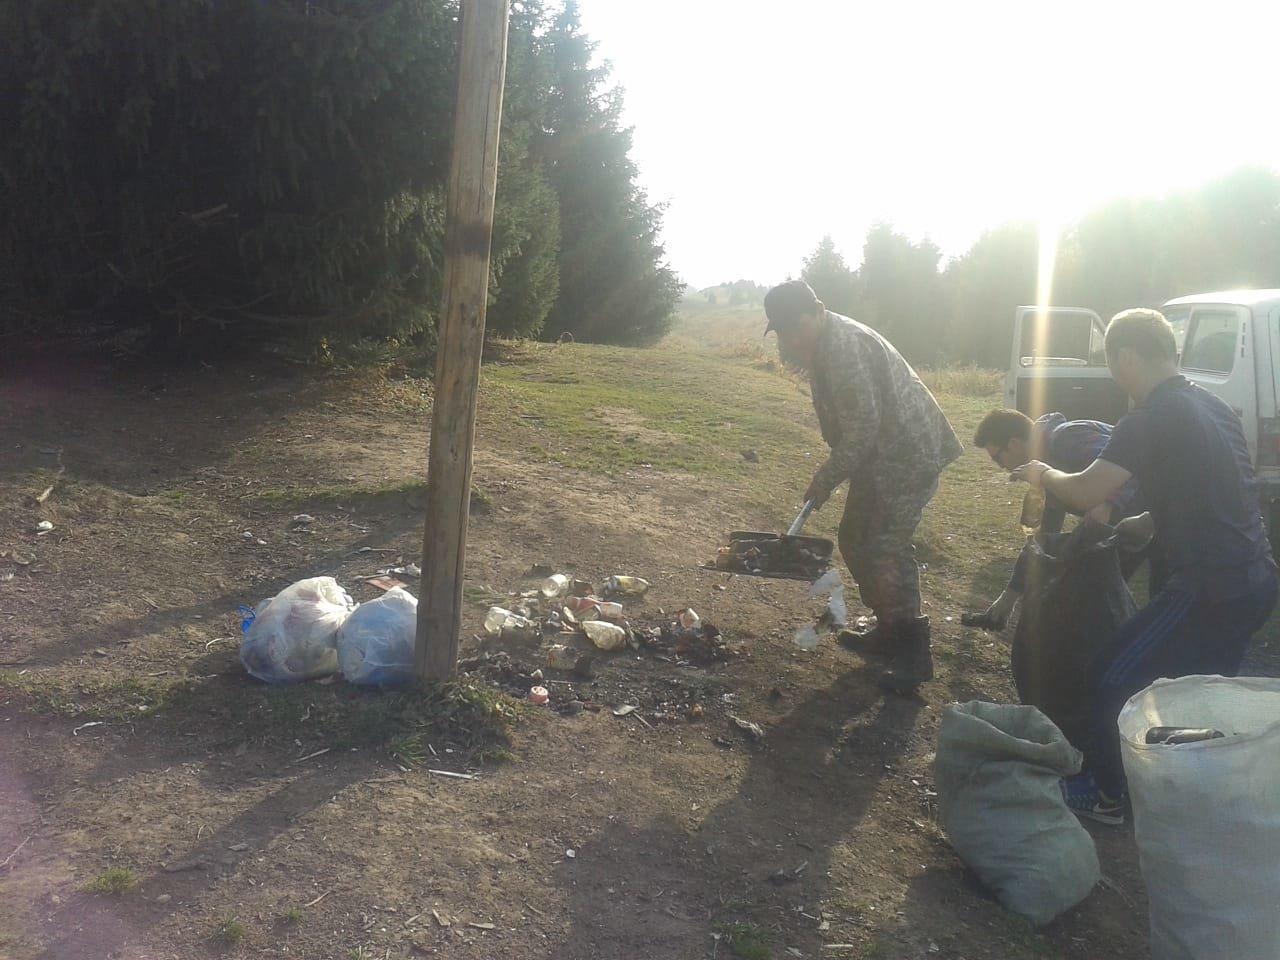 Горы мусора оставили отдыхающие в Кок-Жайляу - урочище привели в порядок, фото-2, Фото управление туризма Алматы